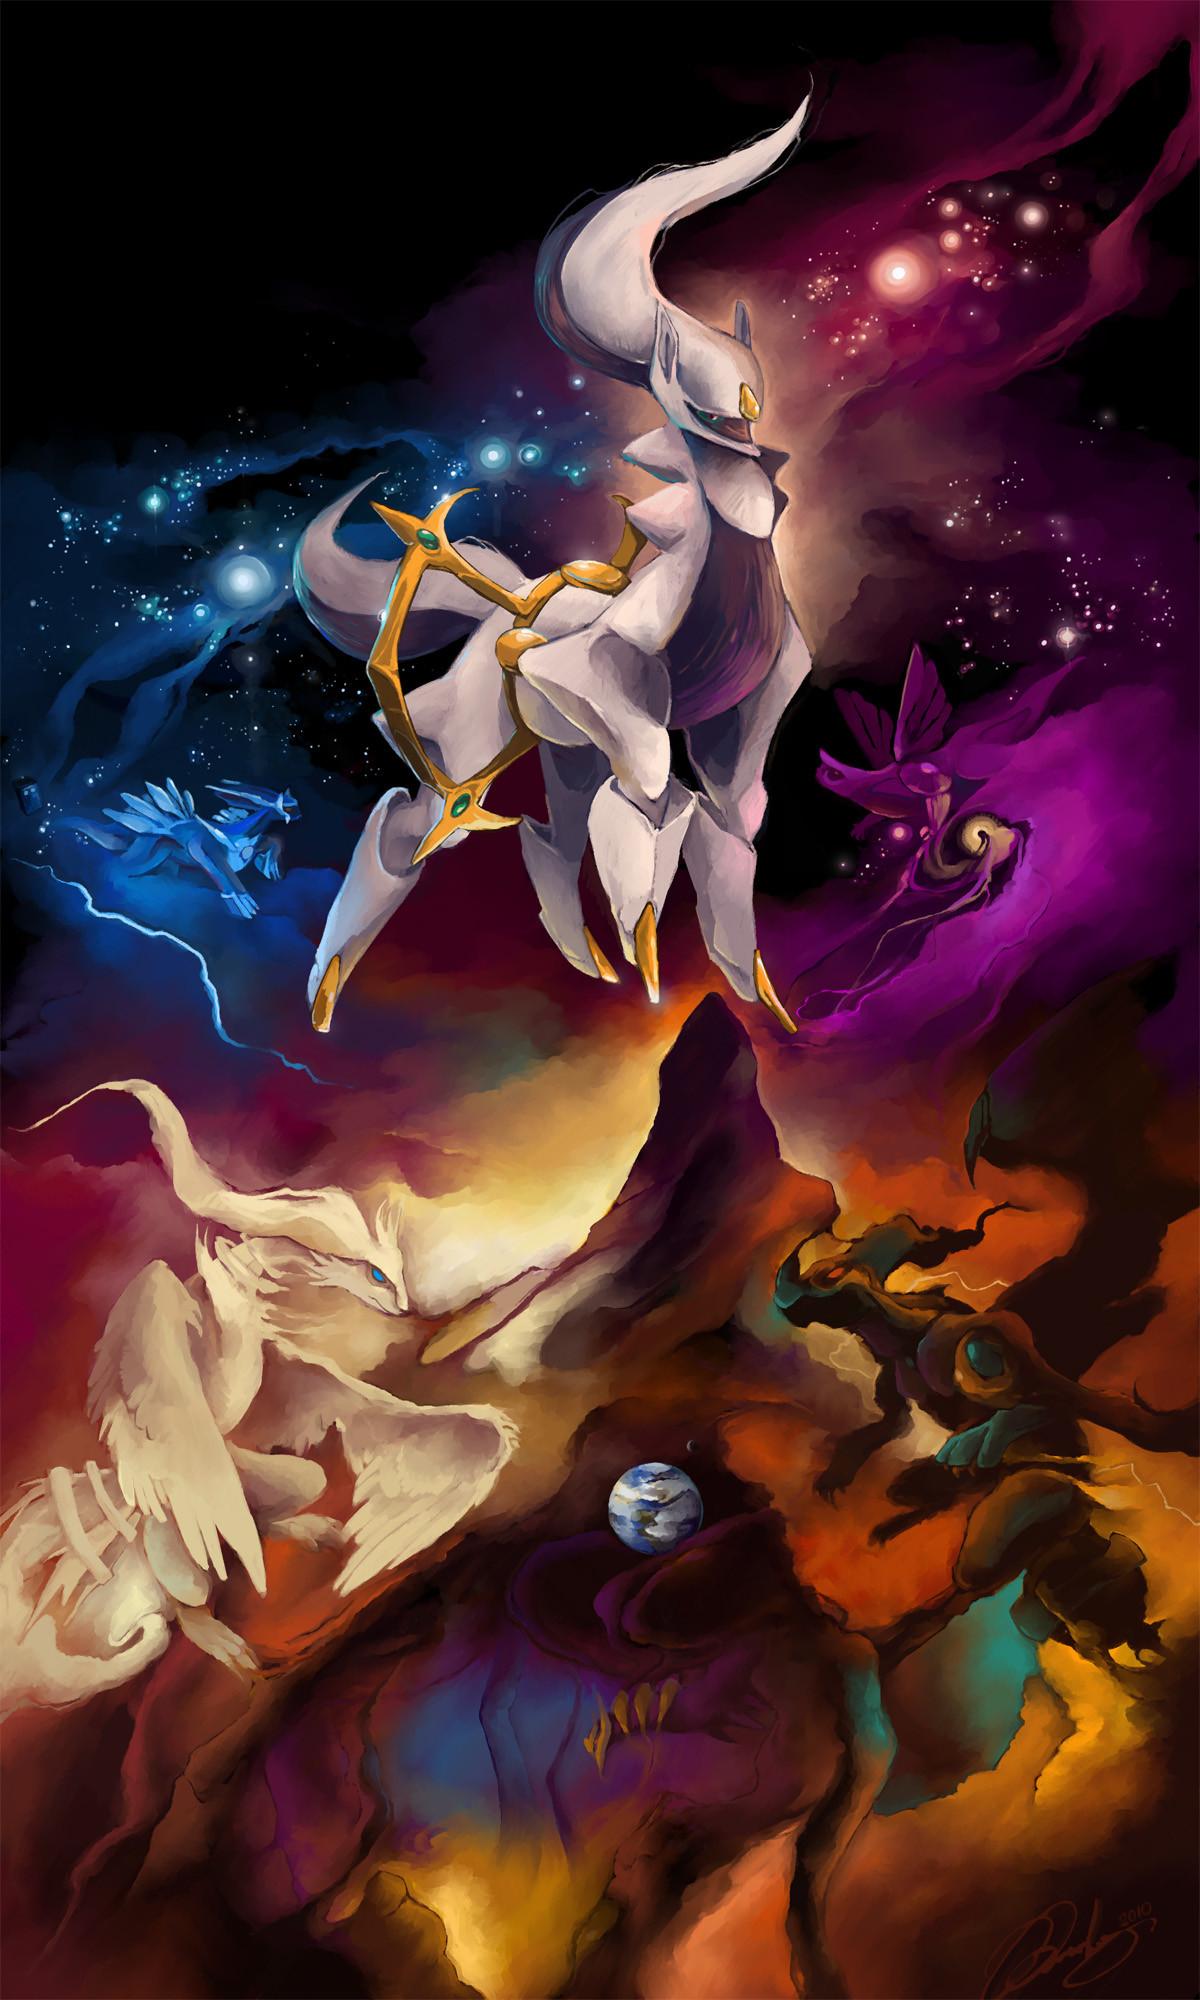 Pokemon Legendary Dialga and Palkia Wallpaper (51+ images)